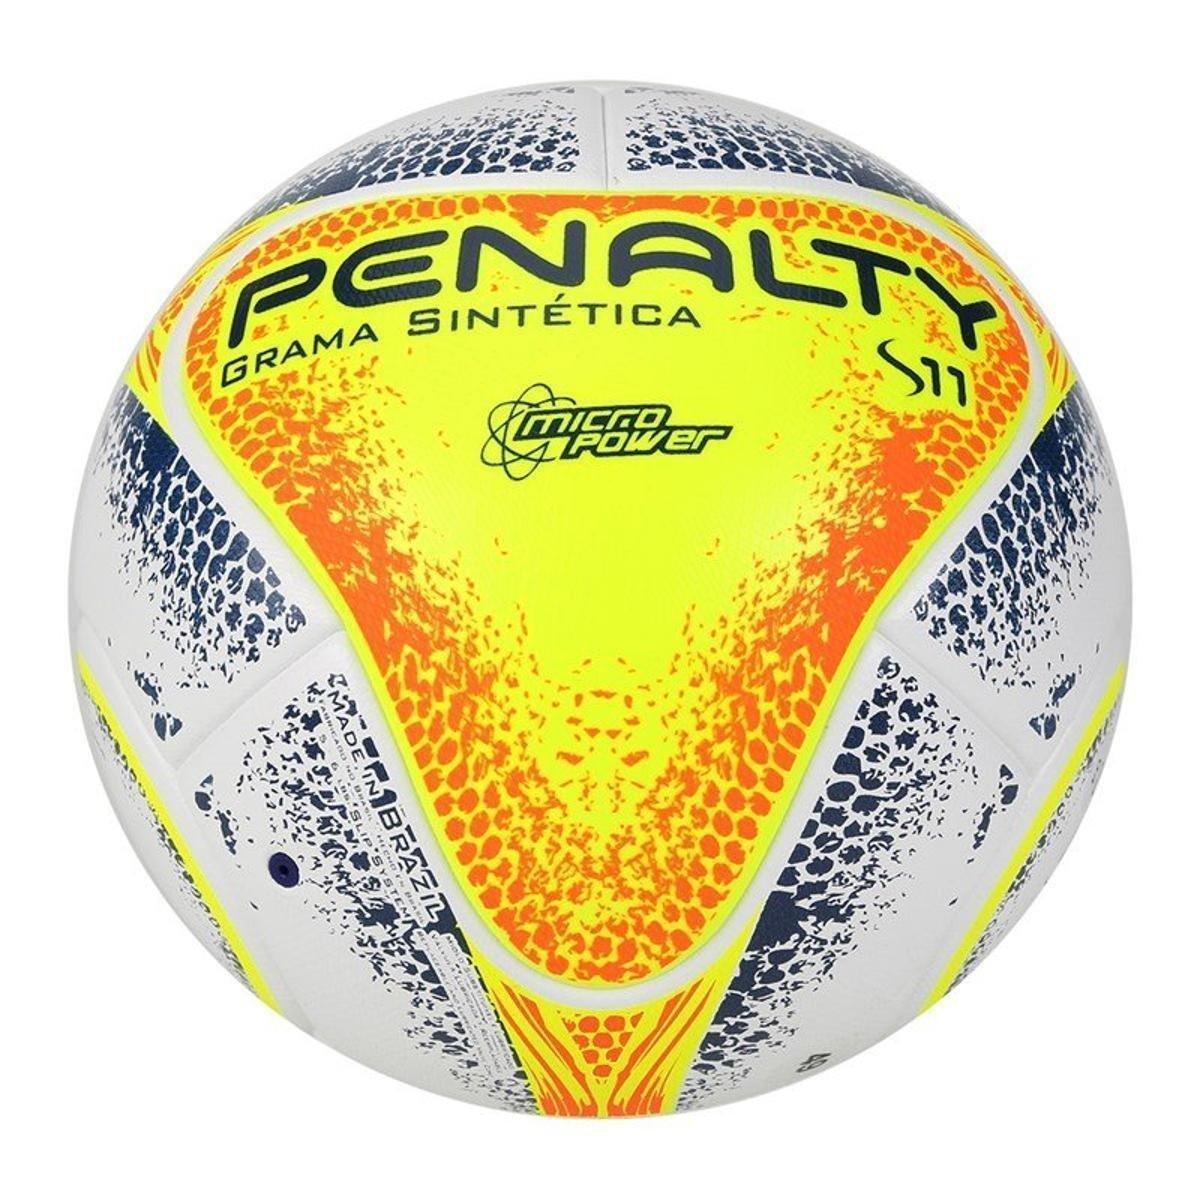 4081aecb56712 Bola Futebol Society Penalty S11 R2 KO VIII - Branco e Laranja - Compre  Agora